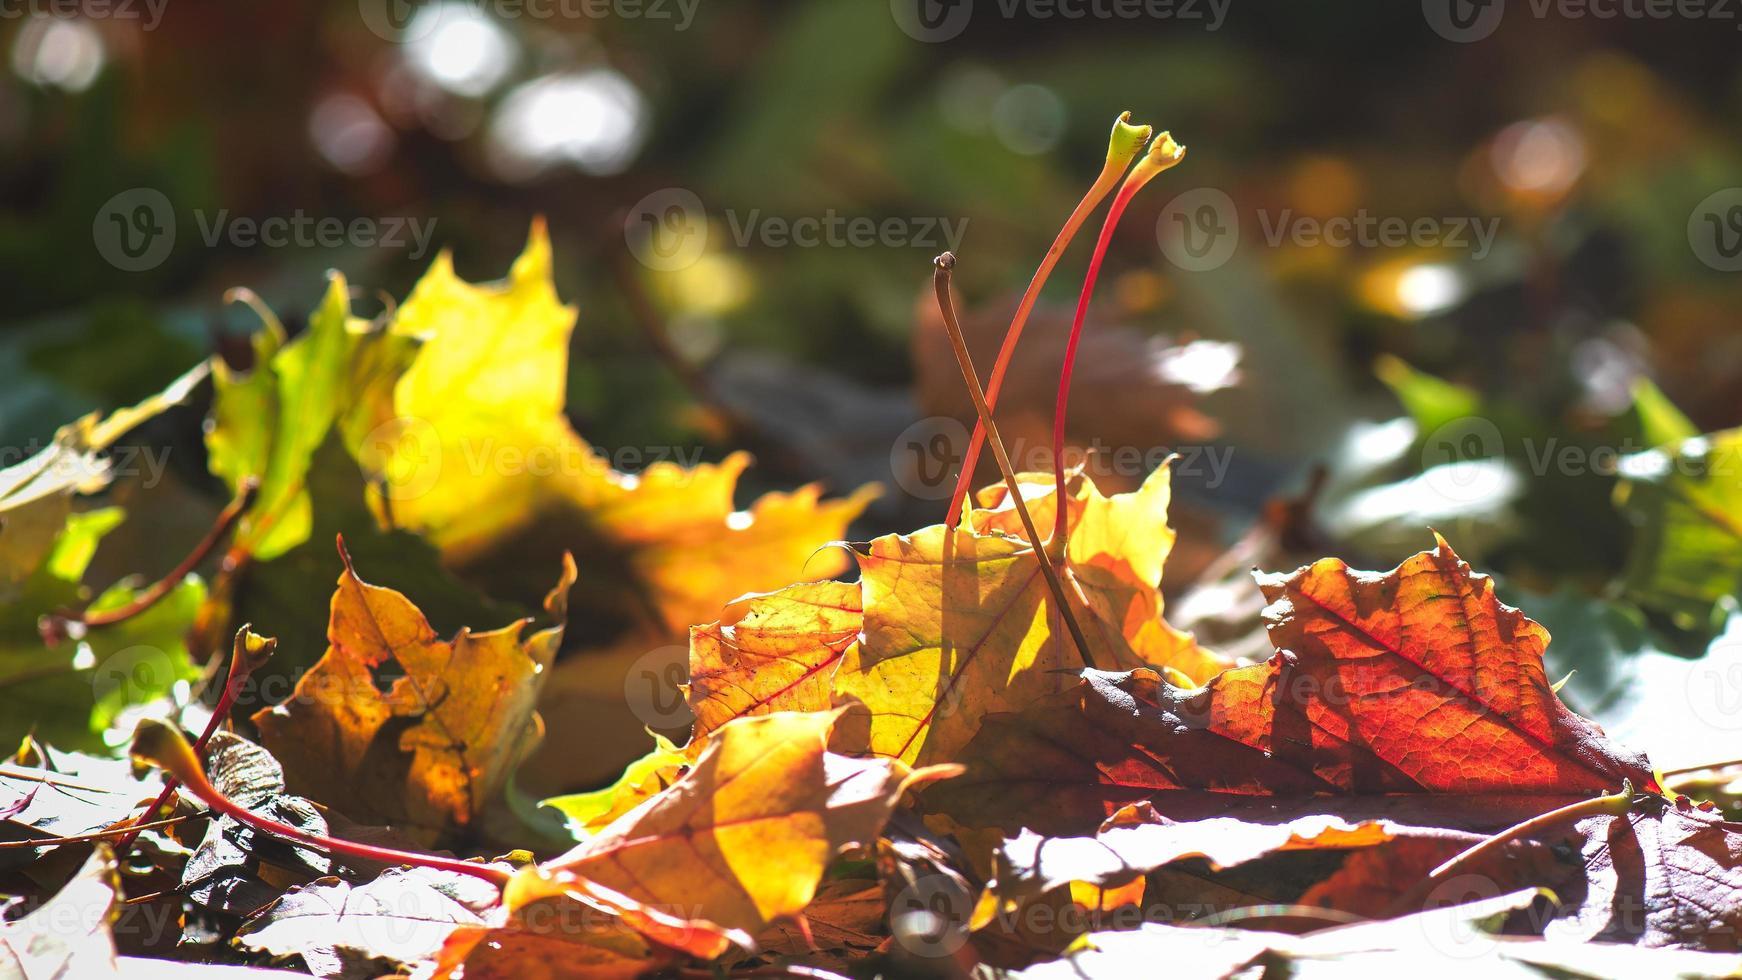 el sol ilumina coloridas hojas de otoño recién caídas foto